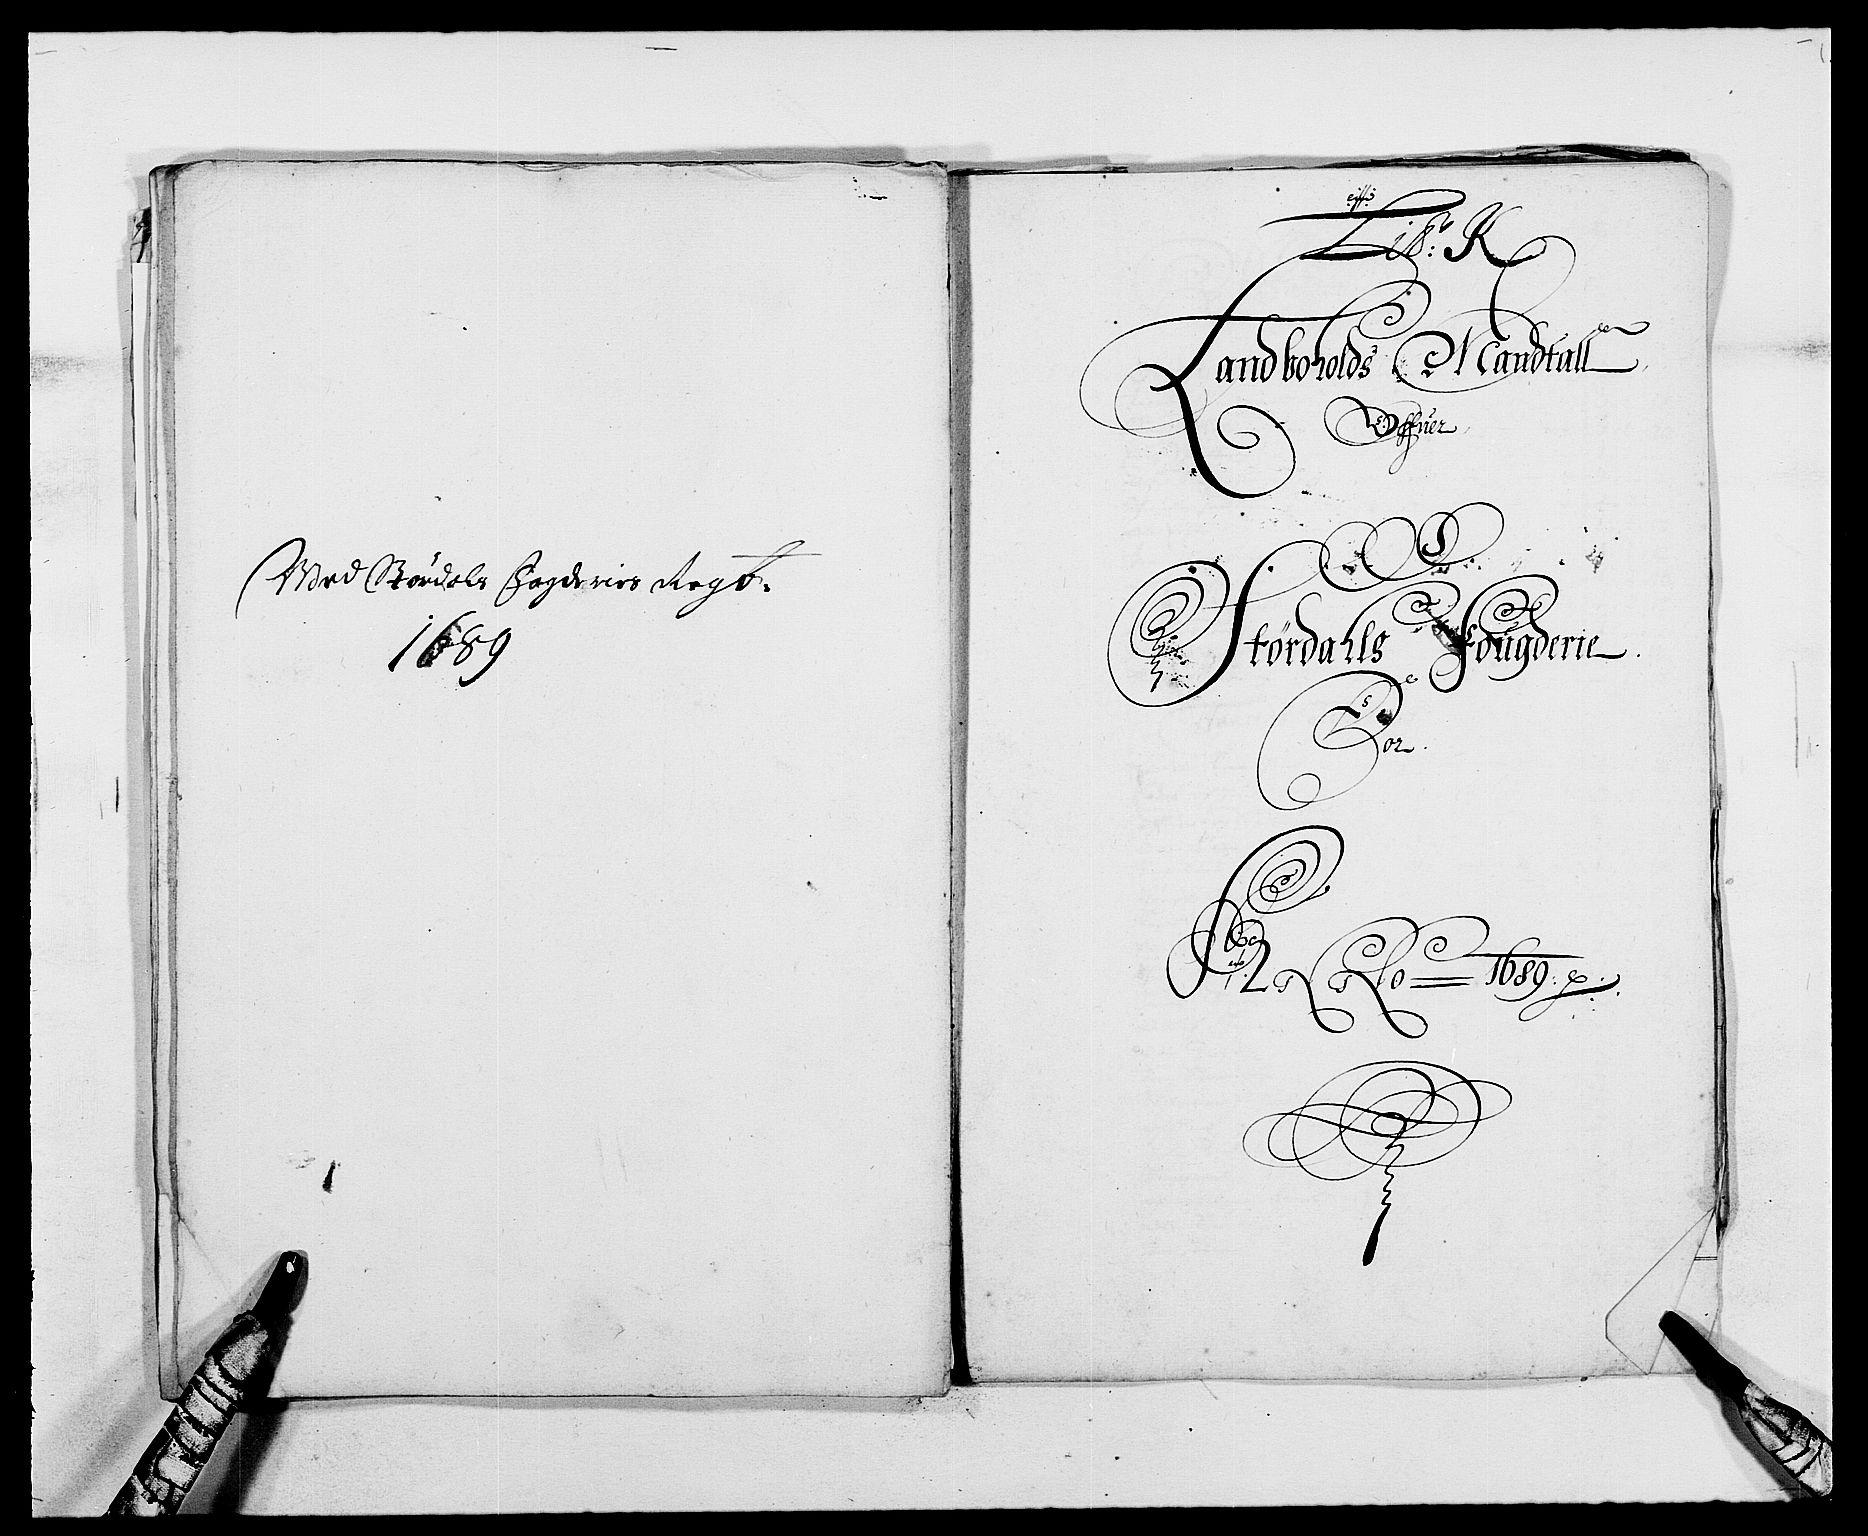 RA, Rentekammeret inntil 1814, Reviderte regnskaper, Fogderegnskap, R62/L4183: Fogderegnskap Stjørdal og Verdal, 1687-1689, s. 376